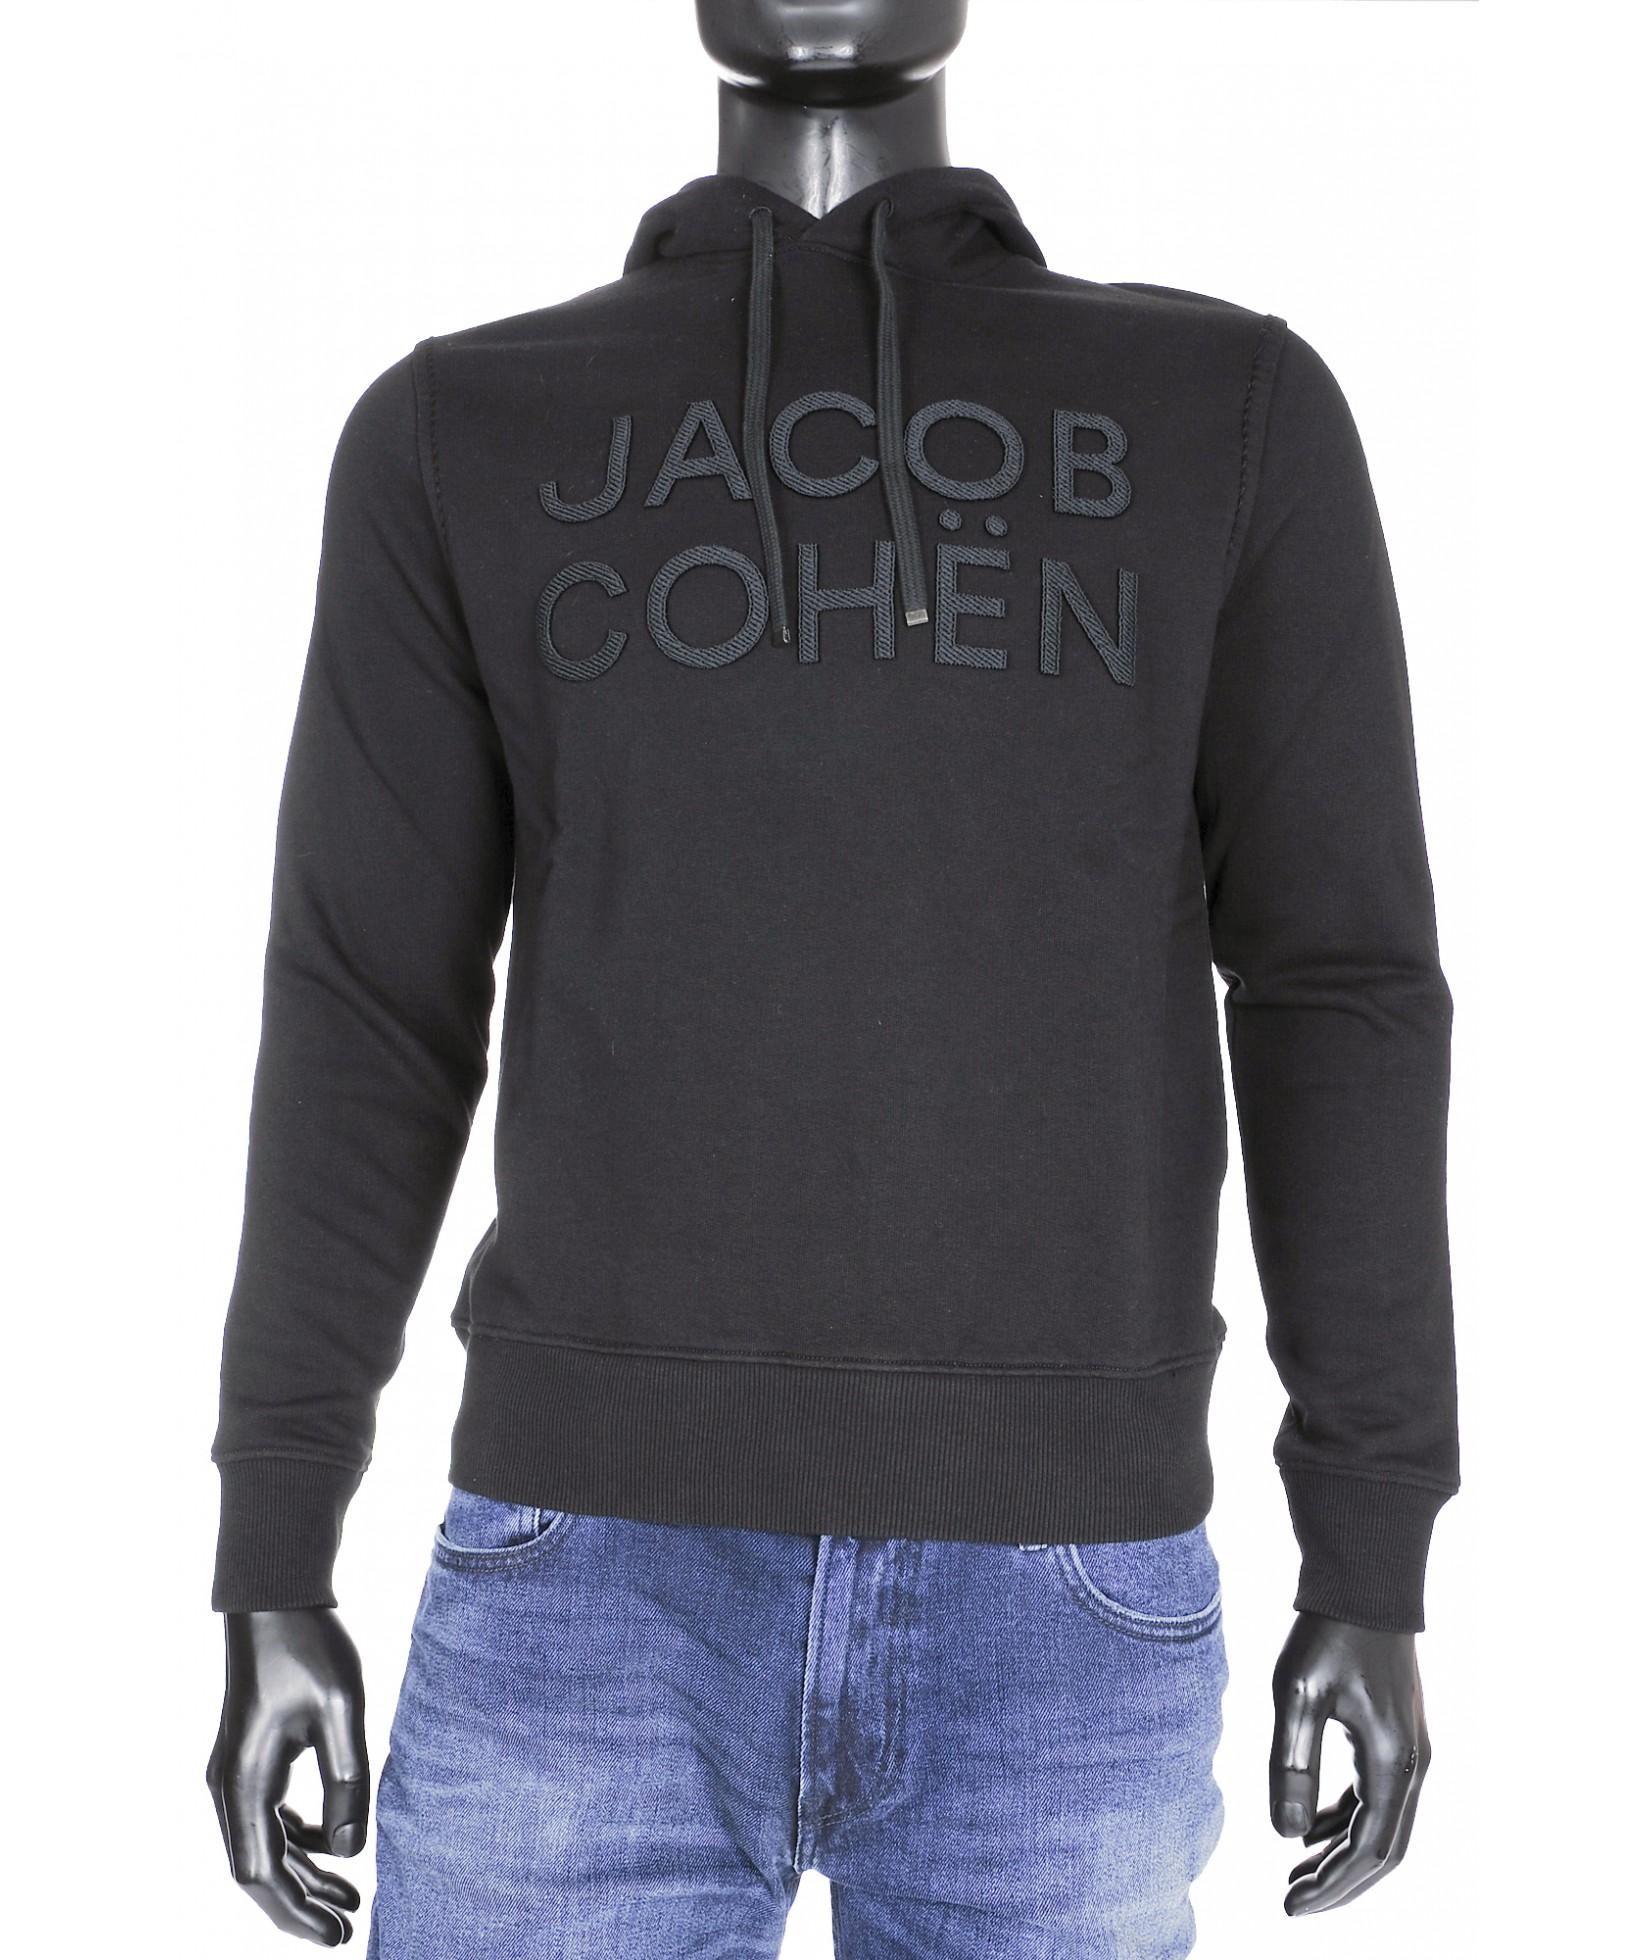 Jacob Cohen Hoodie Noir (33202)